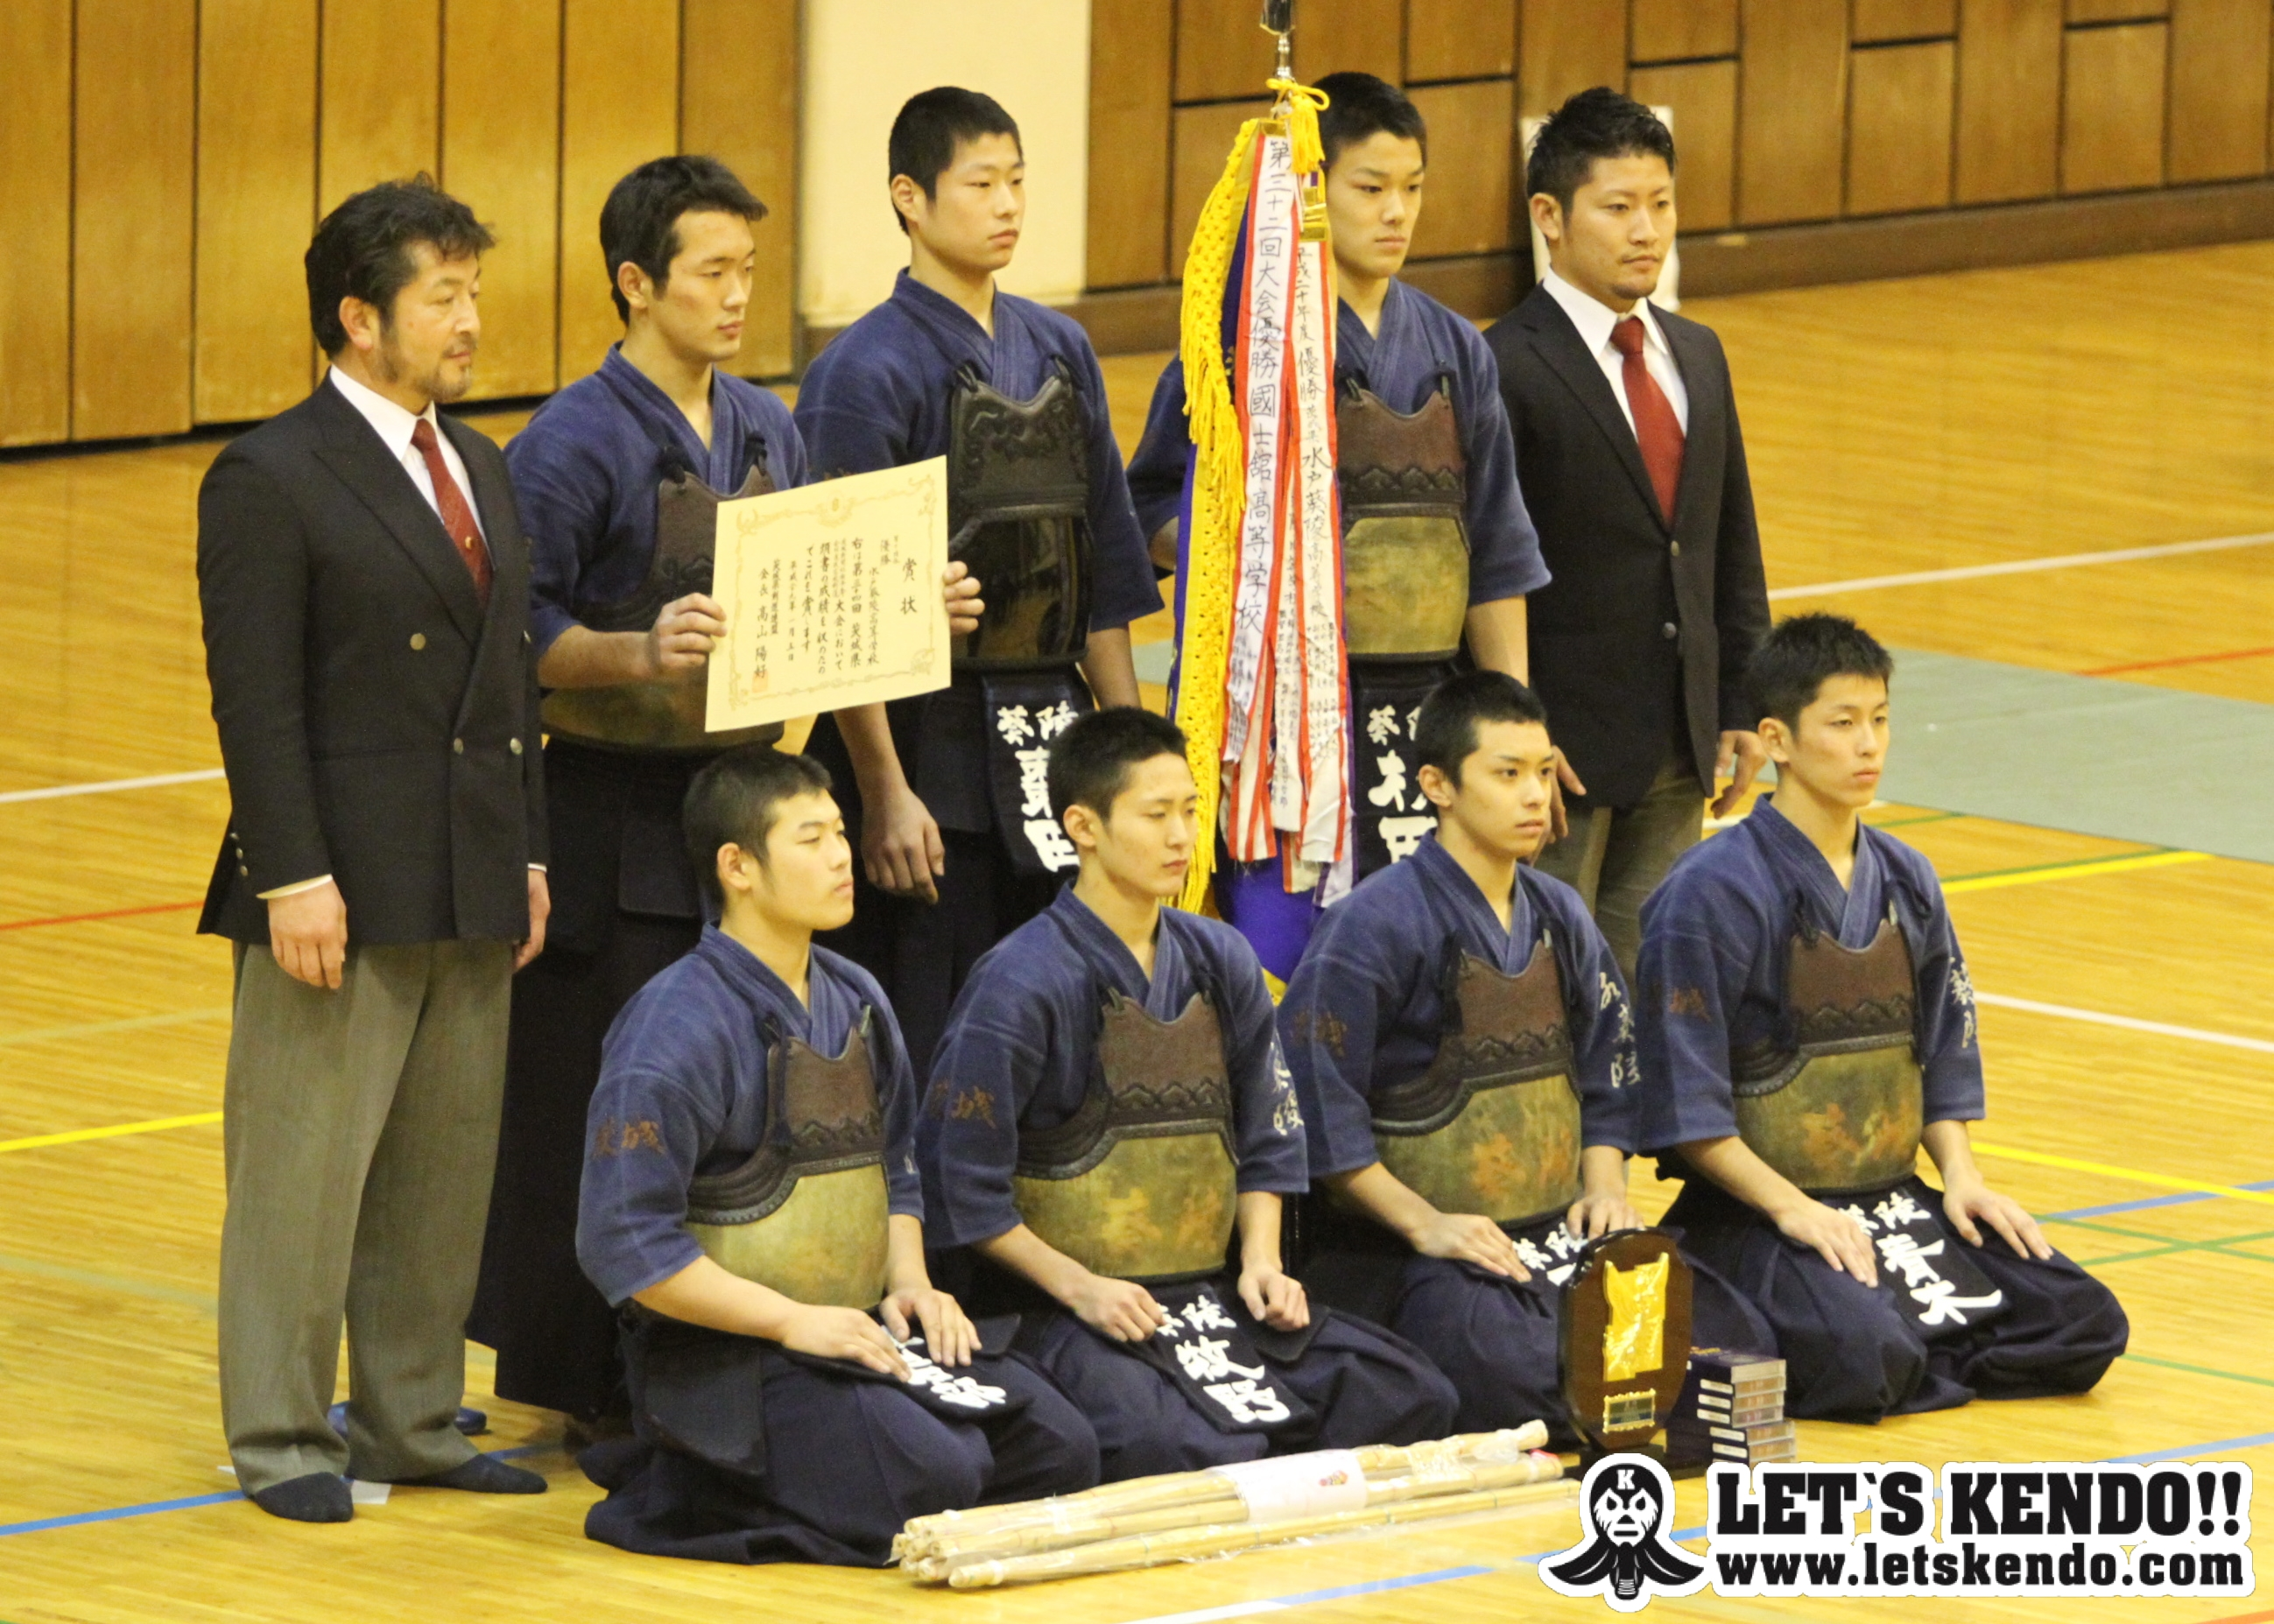 【速報&生配信】1/5(木) 茨城新聞社旗全国選抜高校剣道大会